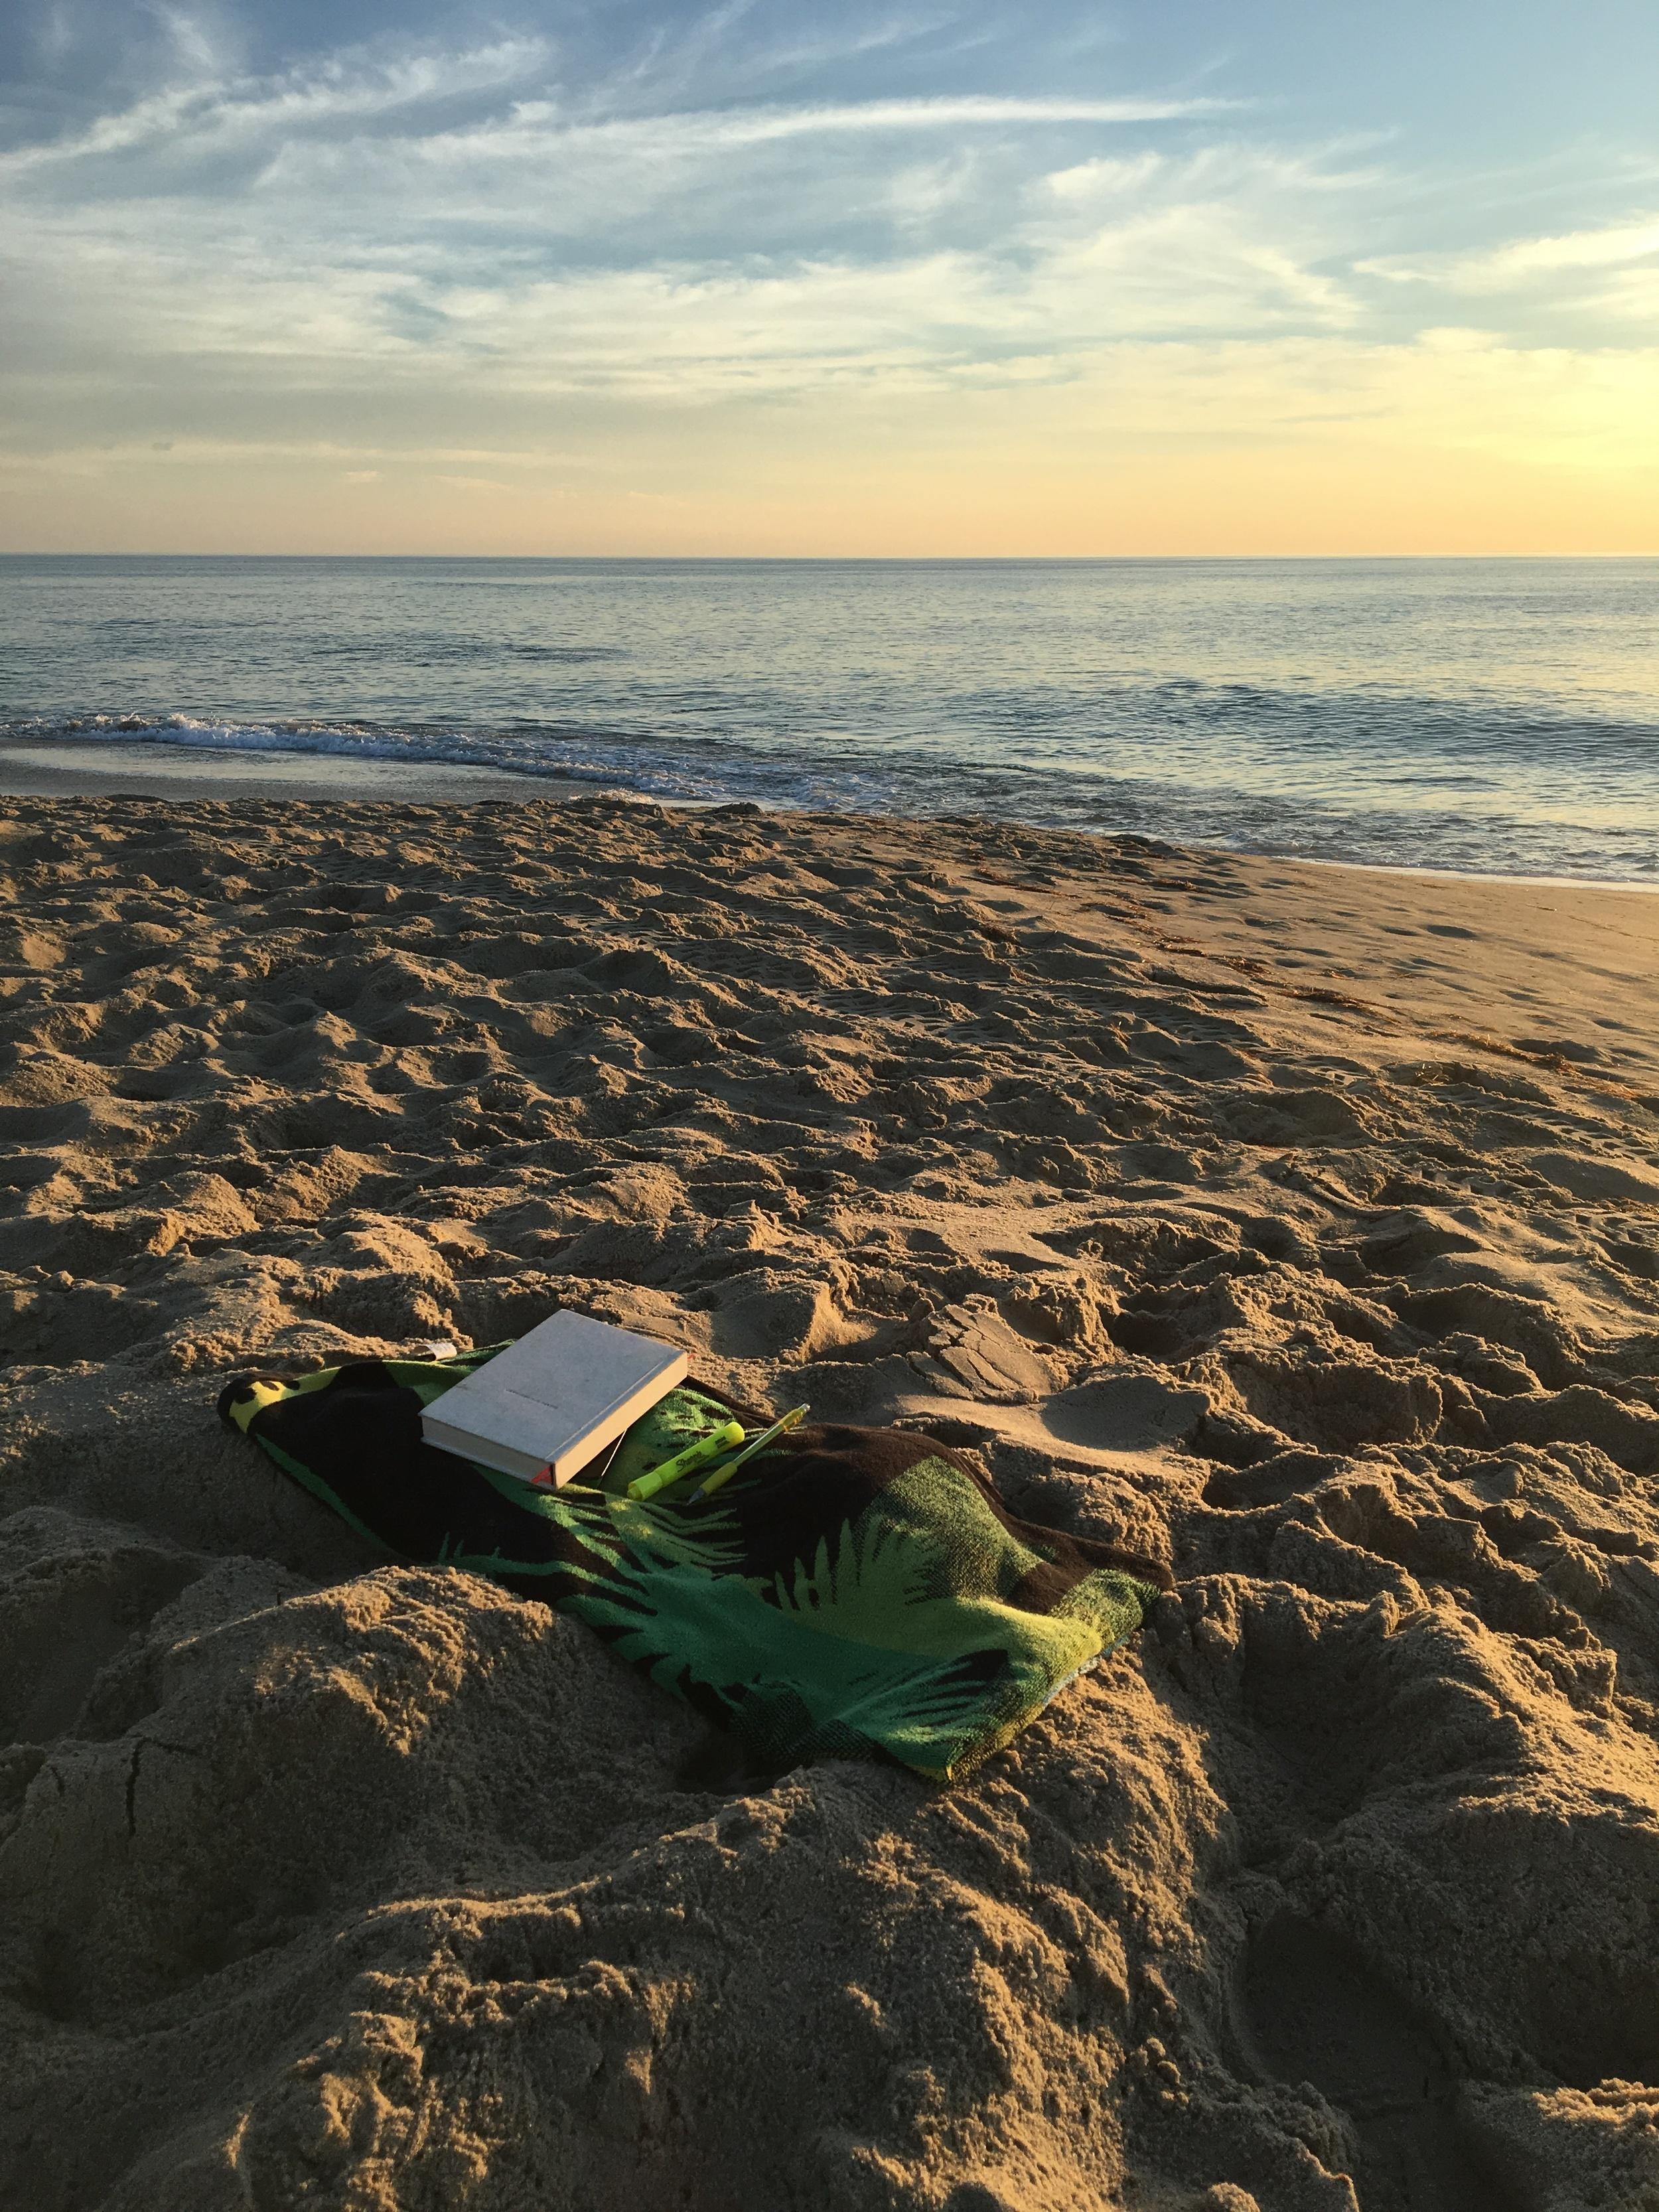 My spirit routine set-up on the beach.